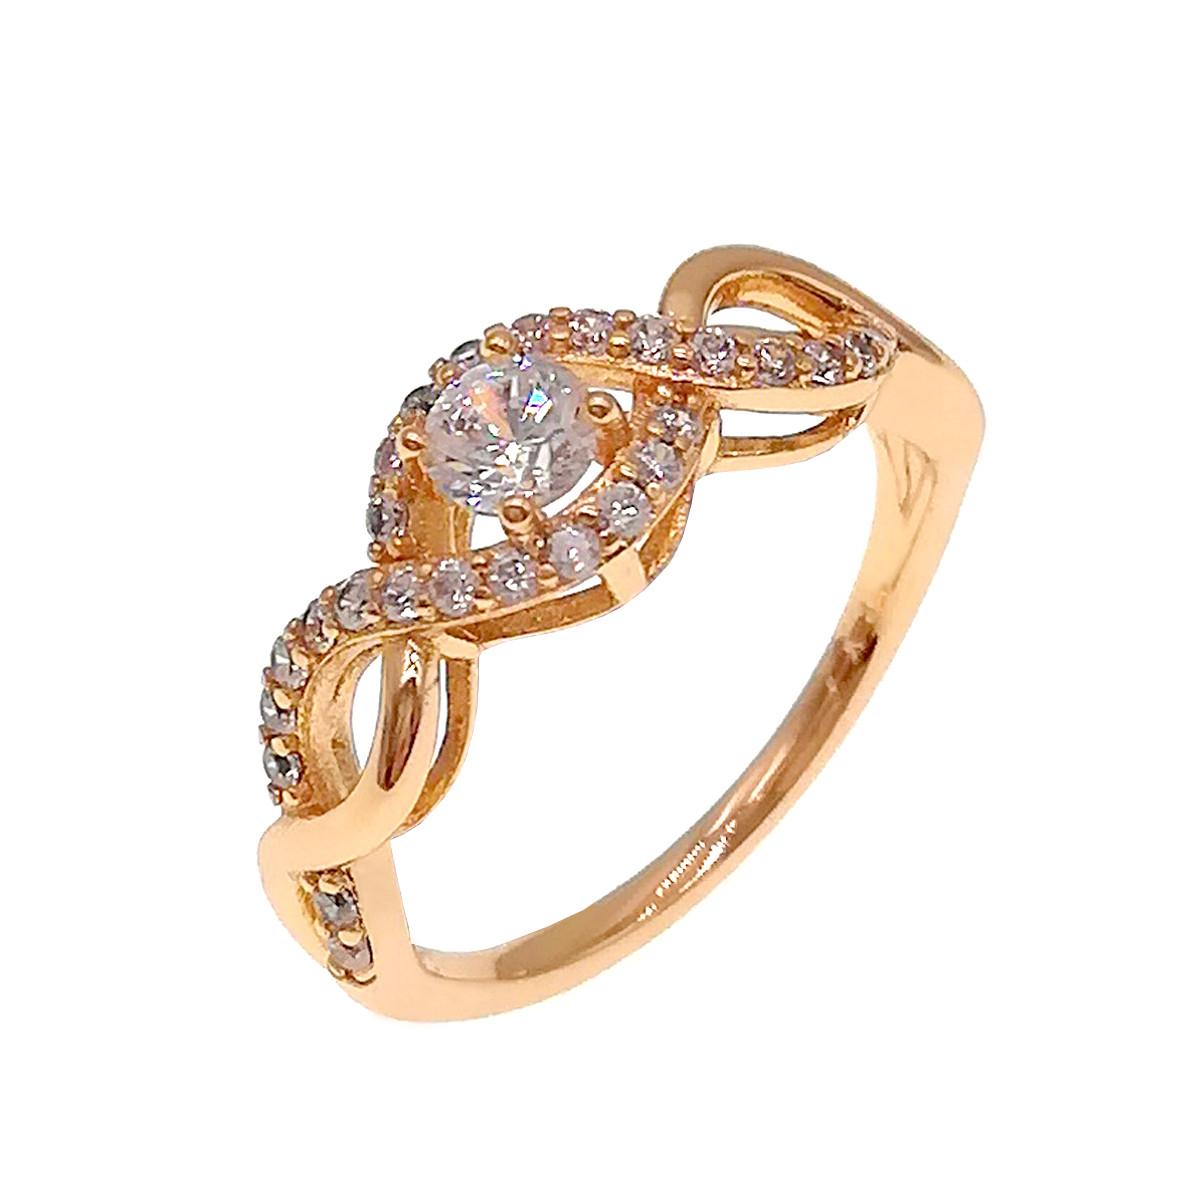 Кольцо Xuping из медицинского золота, белые фианиты, позолота 18K, 11882                   (17)